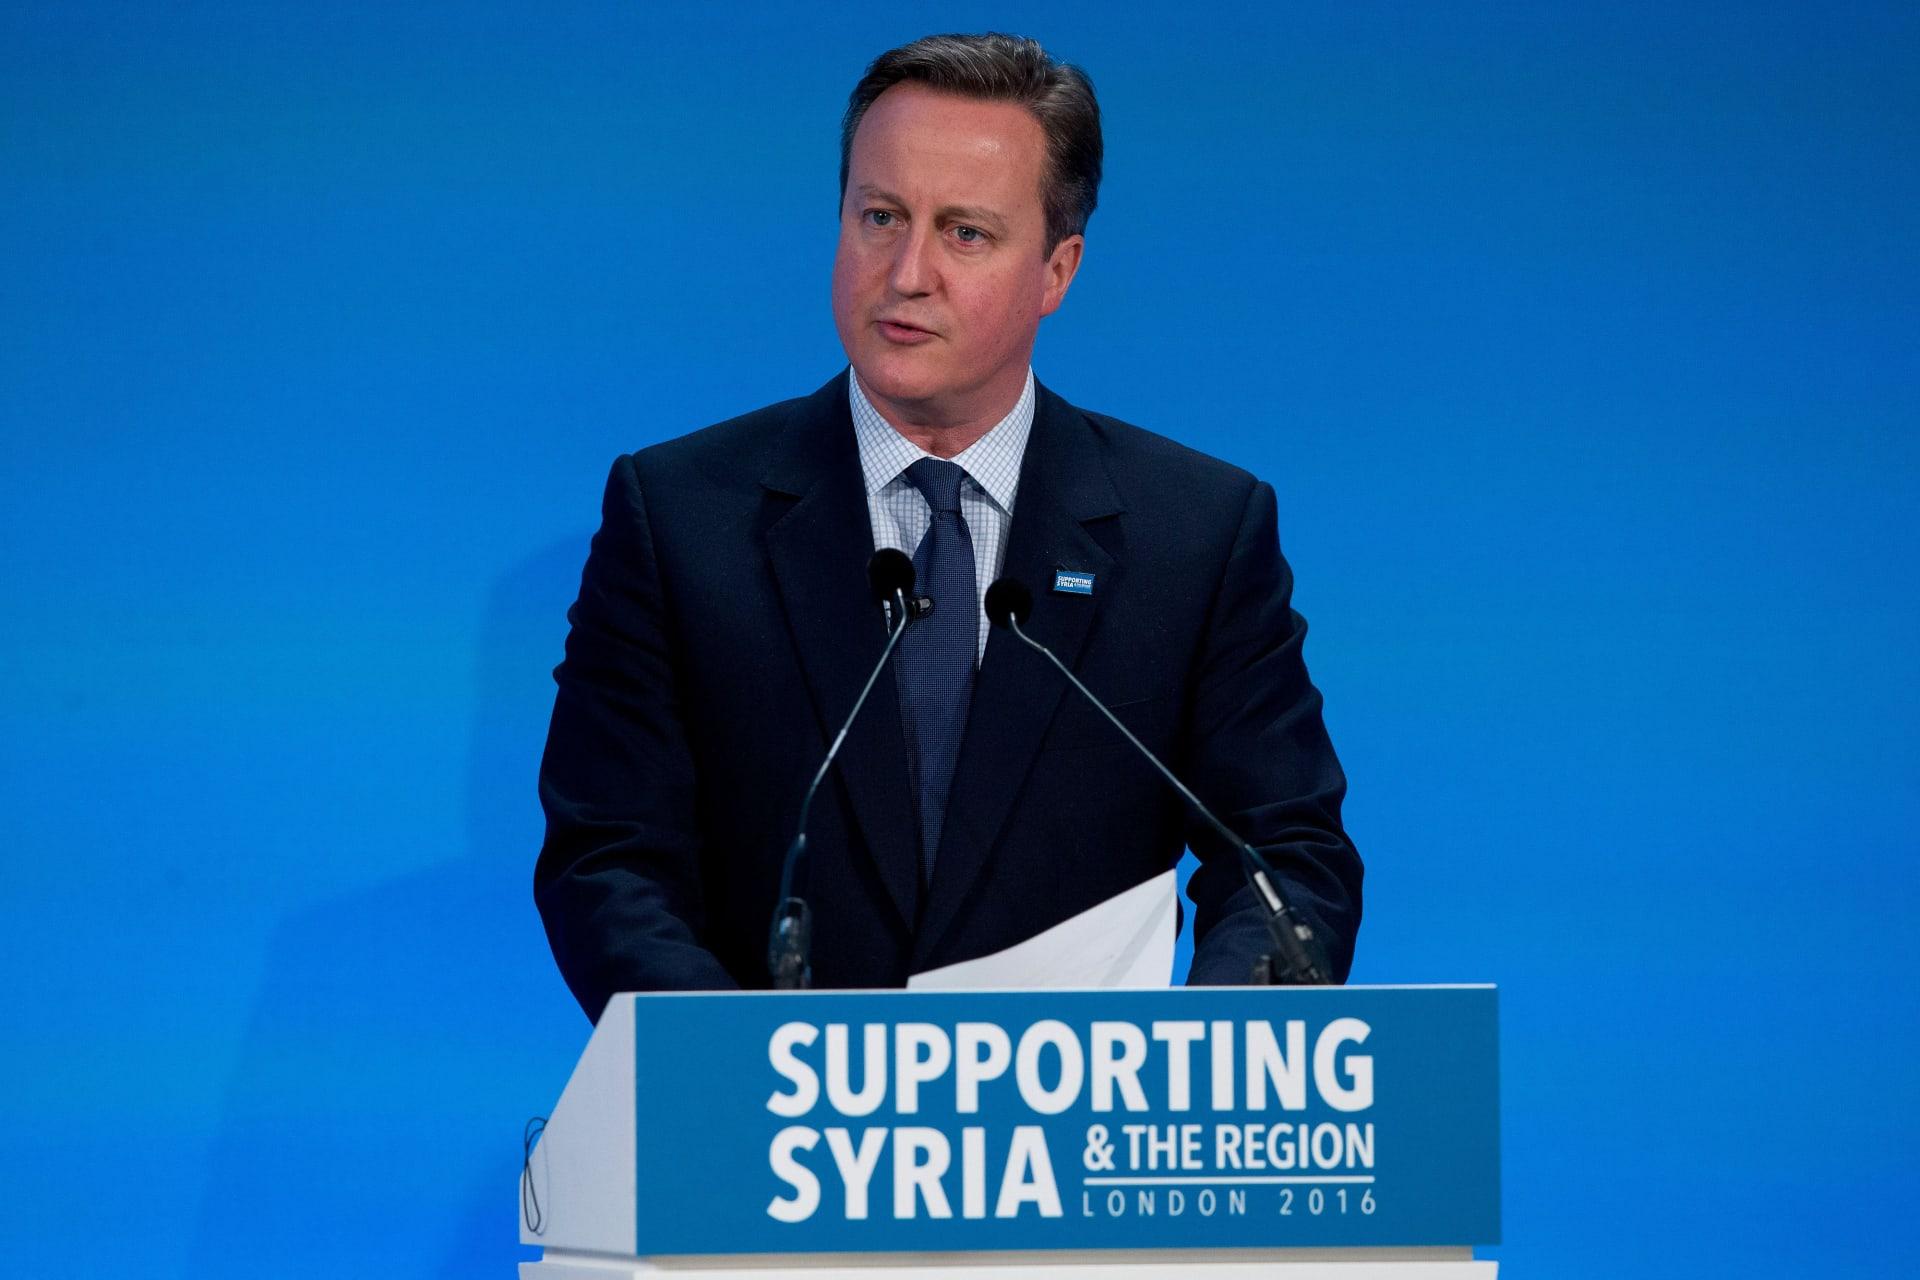 كاميرون: جمعنا أكثر من 11.2 مليار دولار في يوم واحد من أجل الأزمة السورية